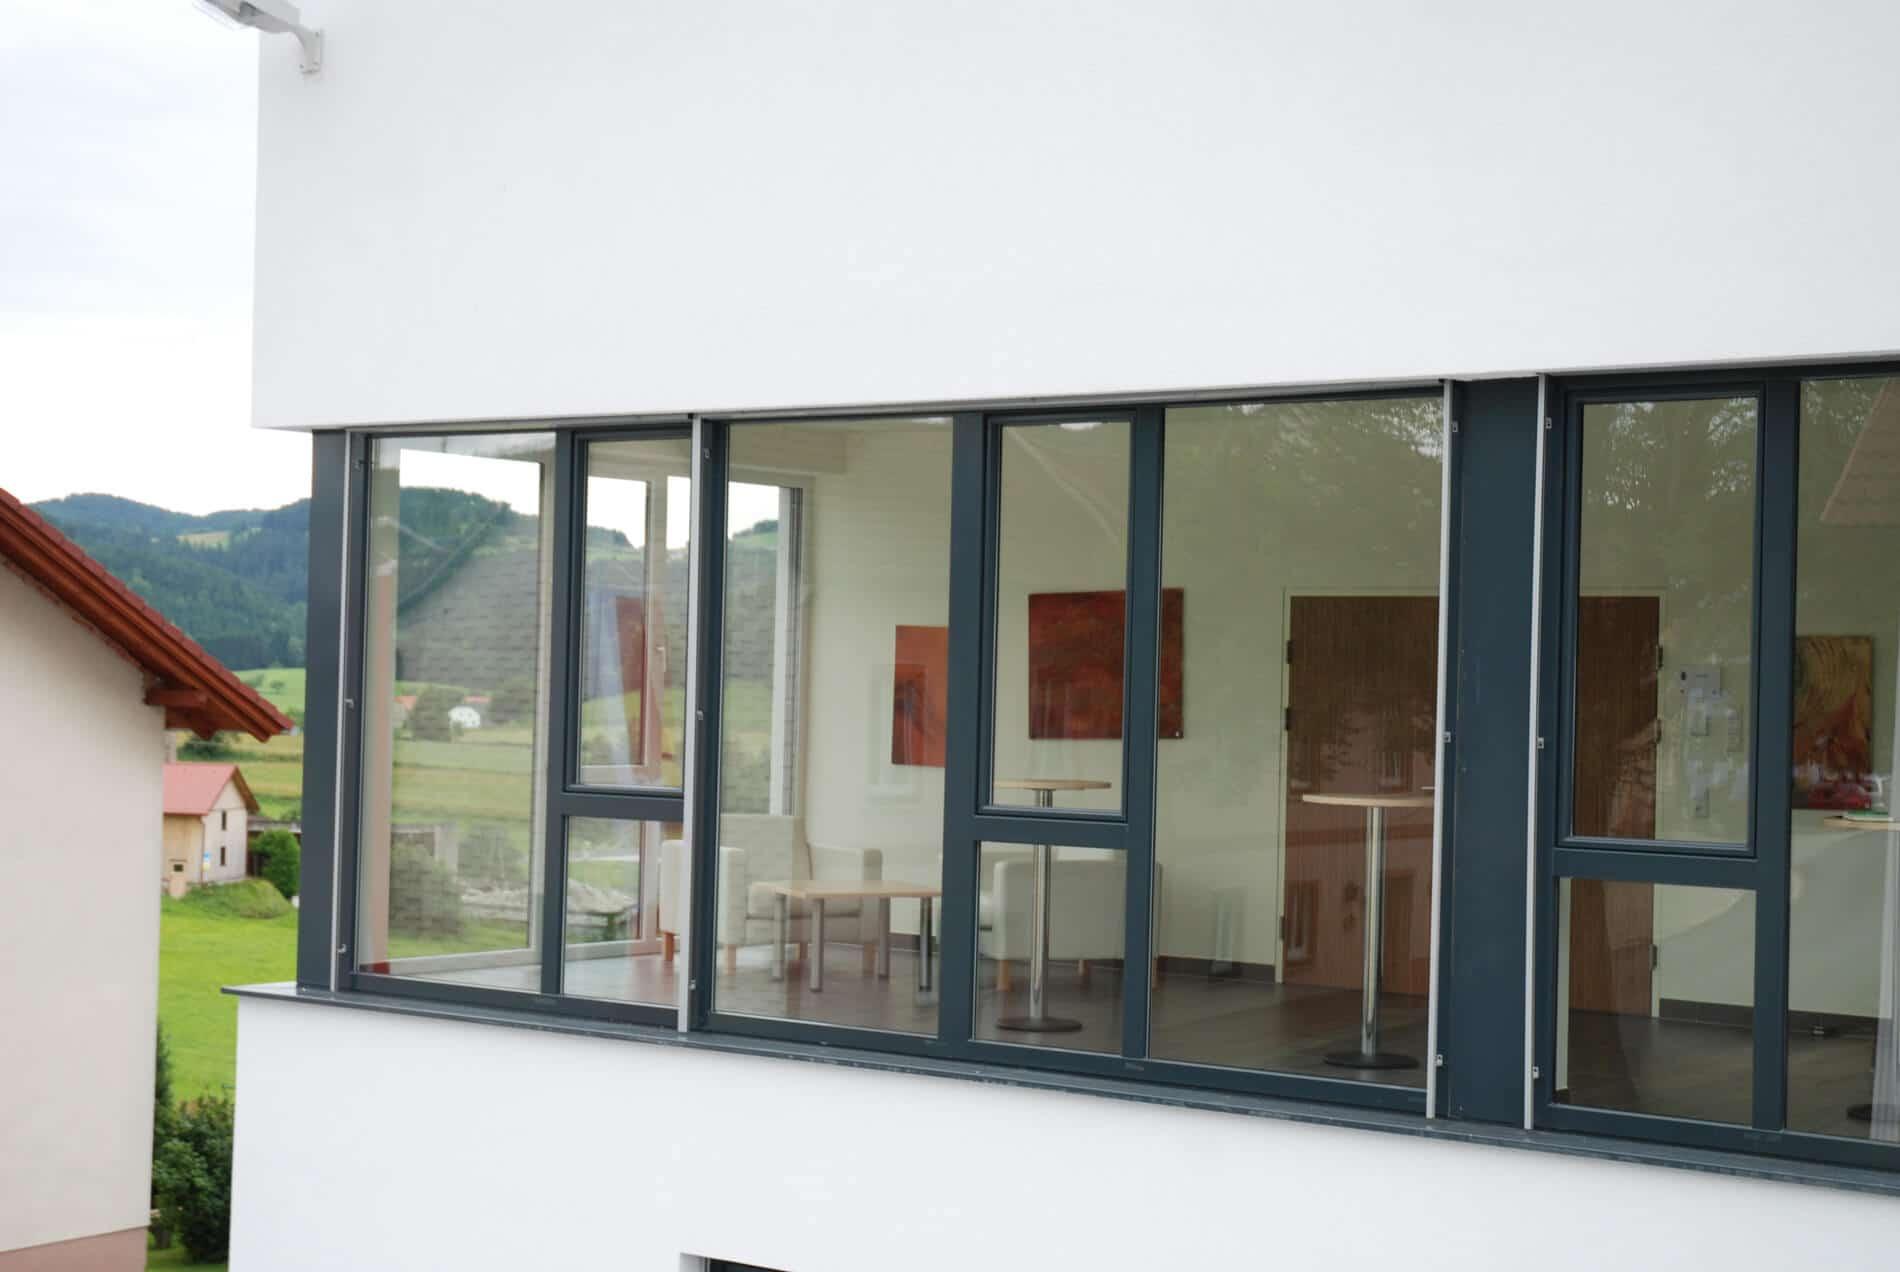 Schiebefenster f r balkon aus kunststoff fenster fenster schmidinger - Fenster innen weiay auayen anthrazit ...